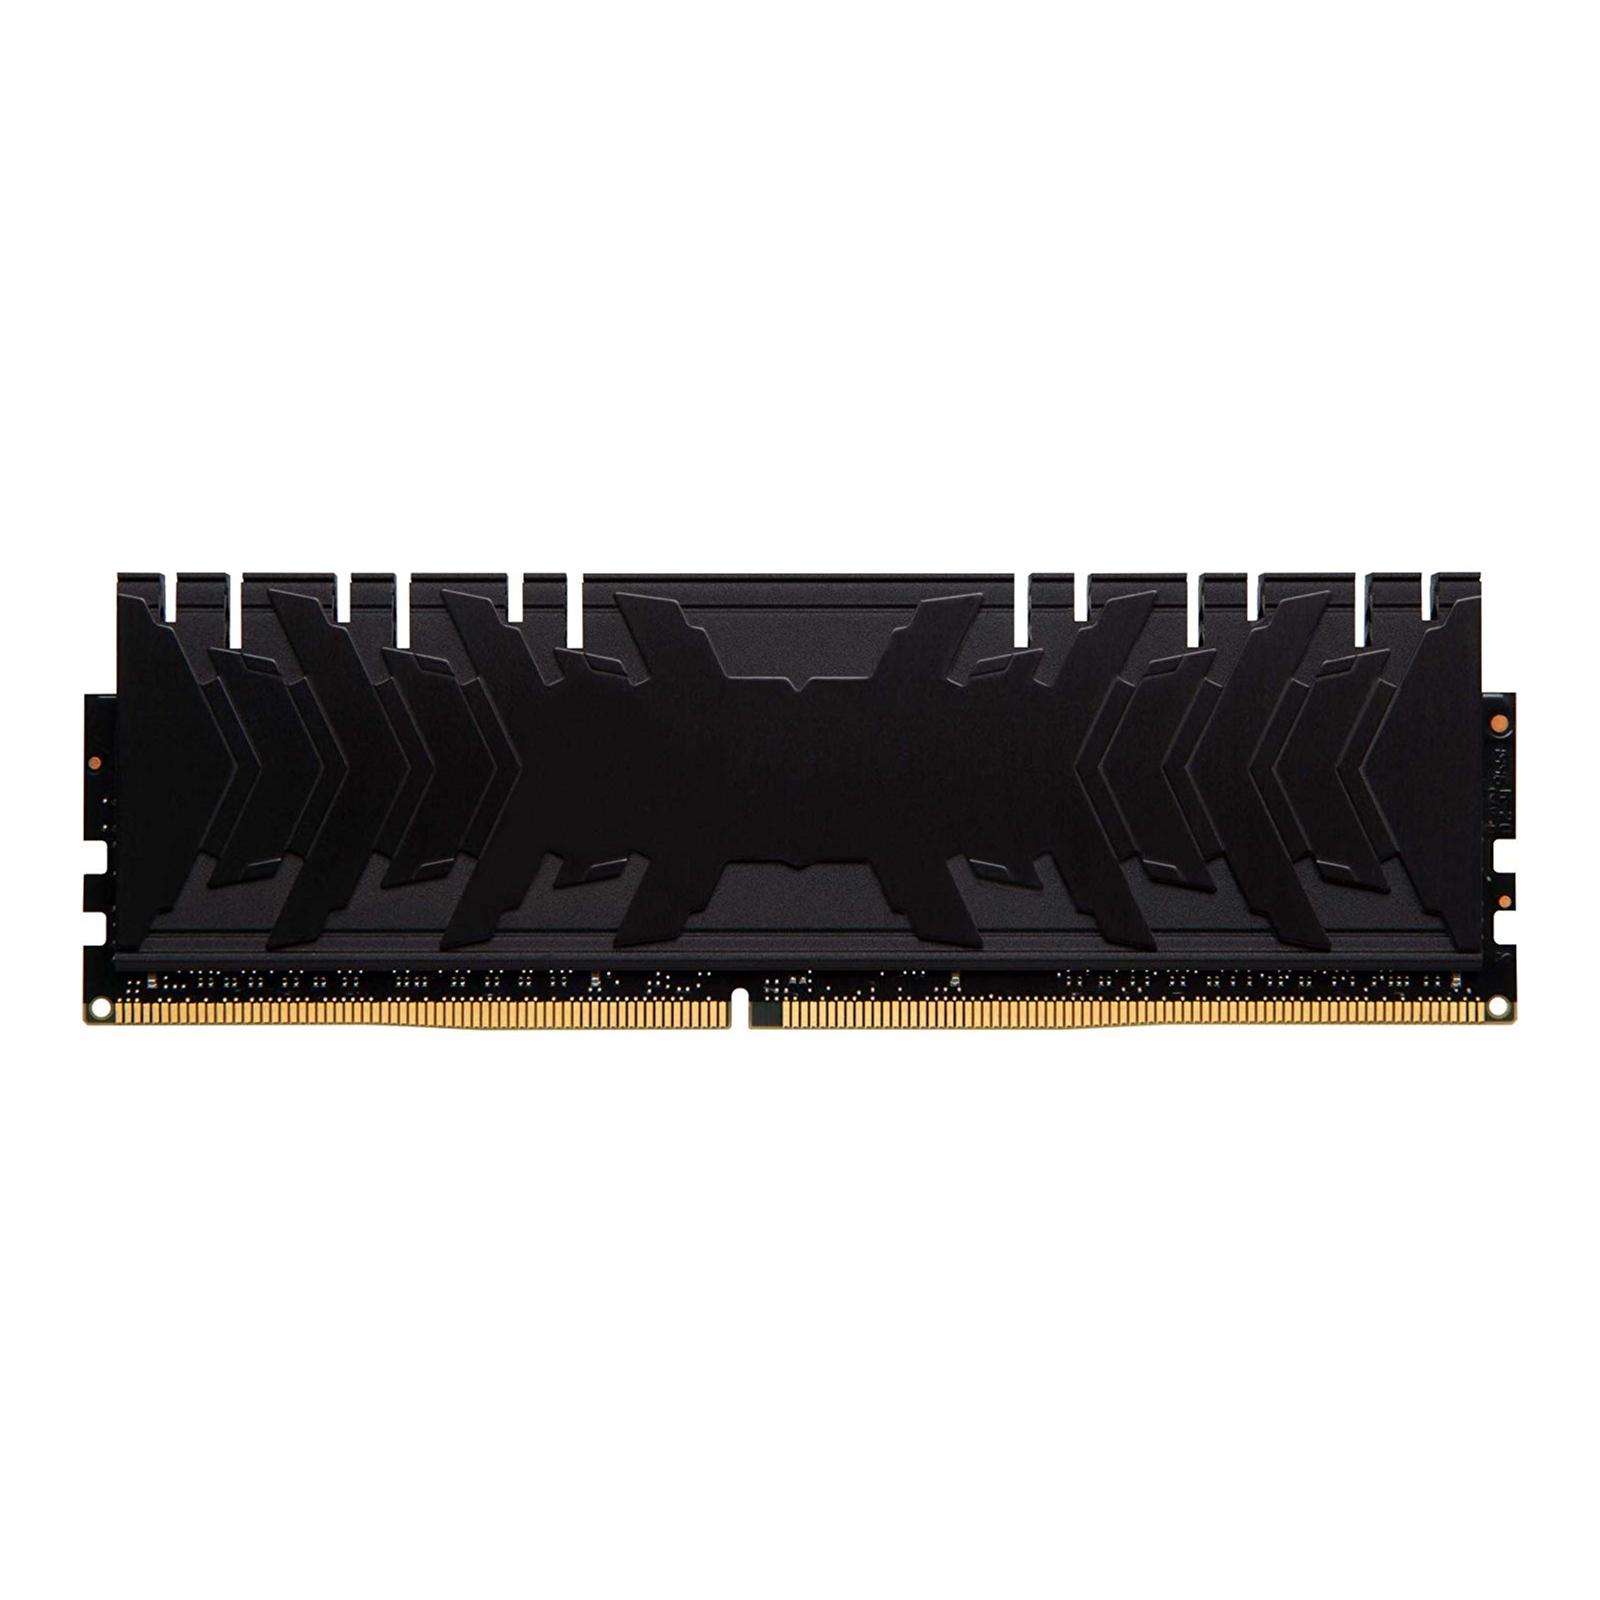 Модуль пам'яті для комп'ютера DDR4 8GB 3333 MHz HyperX Predator Black HyperX (Kingston Fury) (HX433C16PB3/8) зображення 3